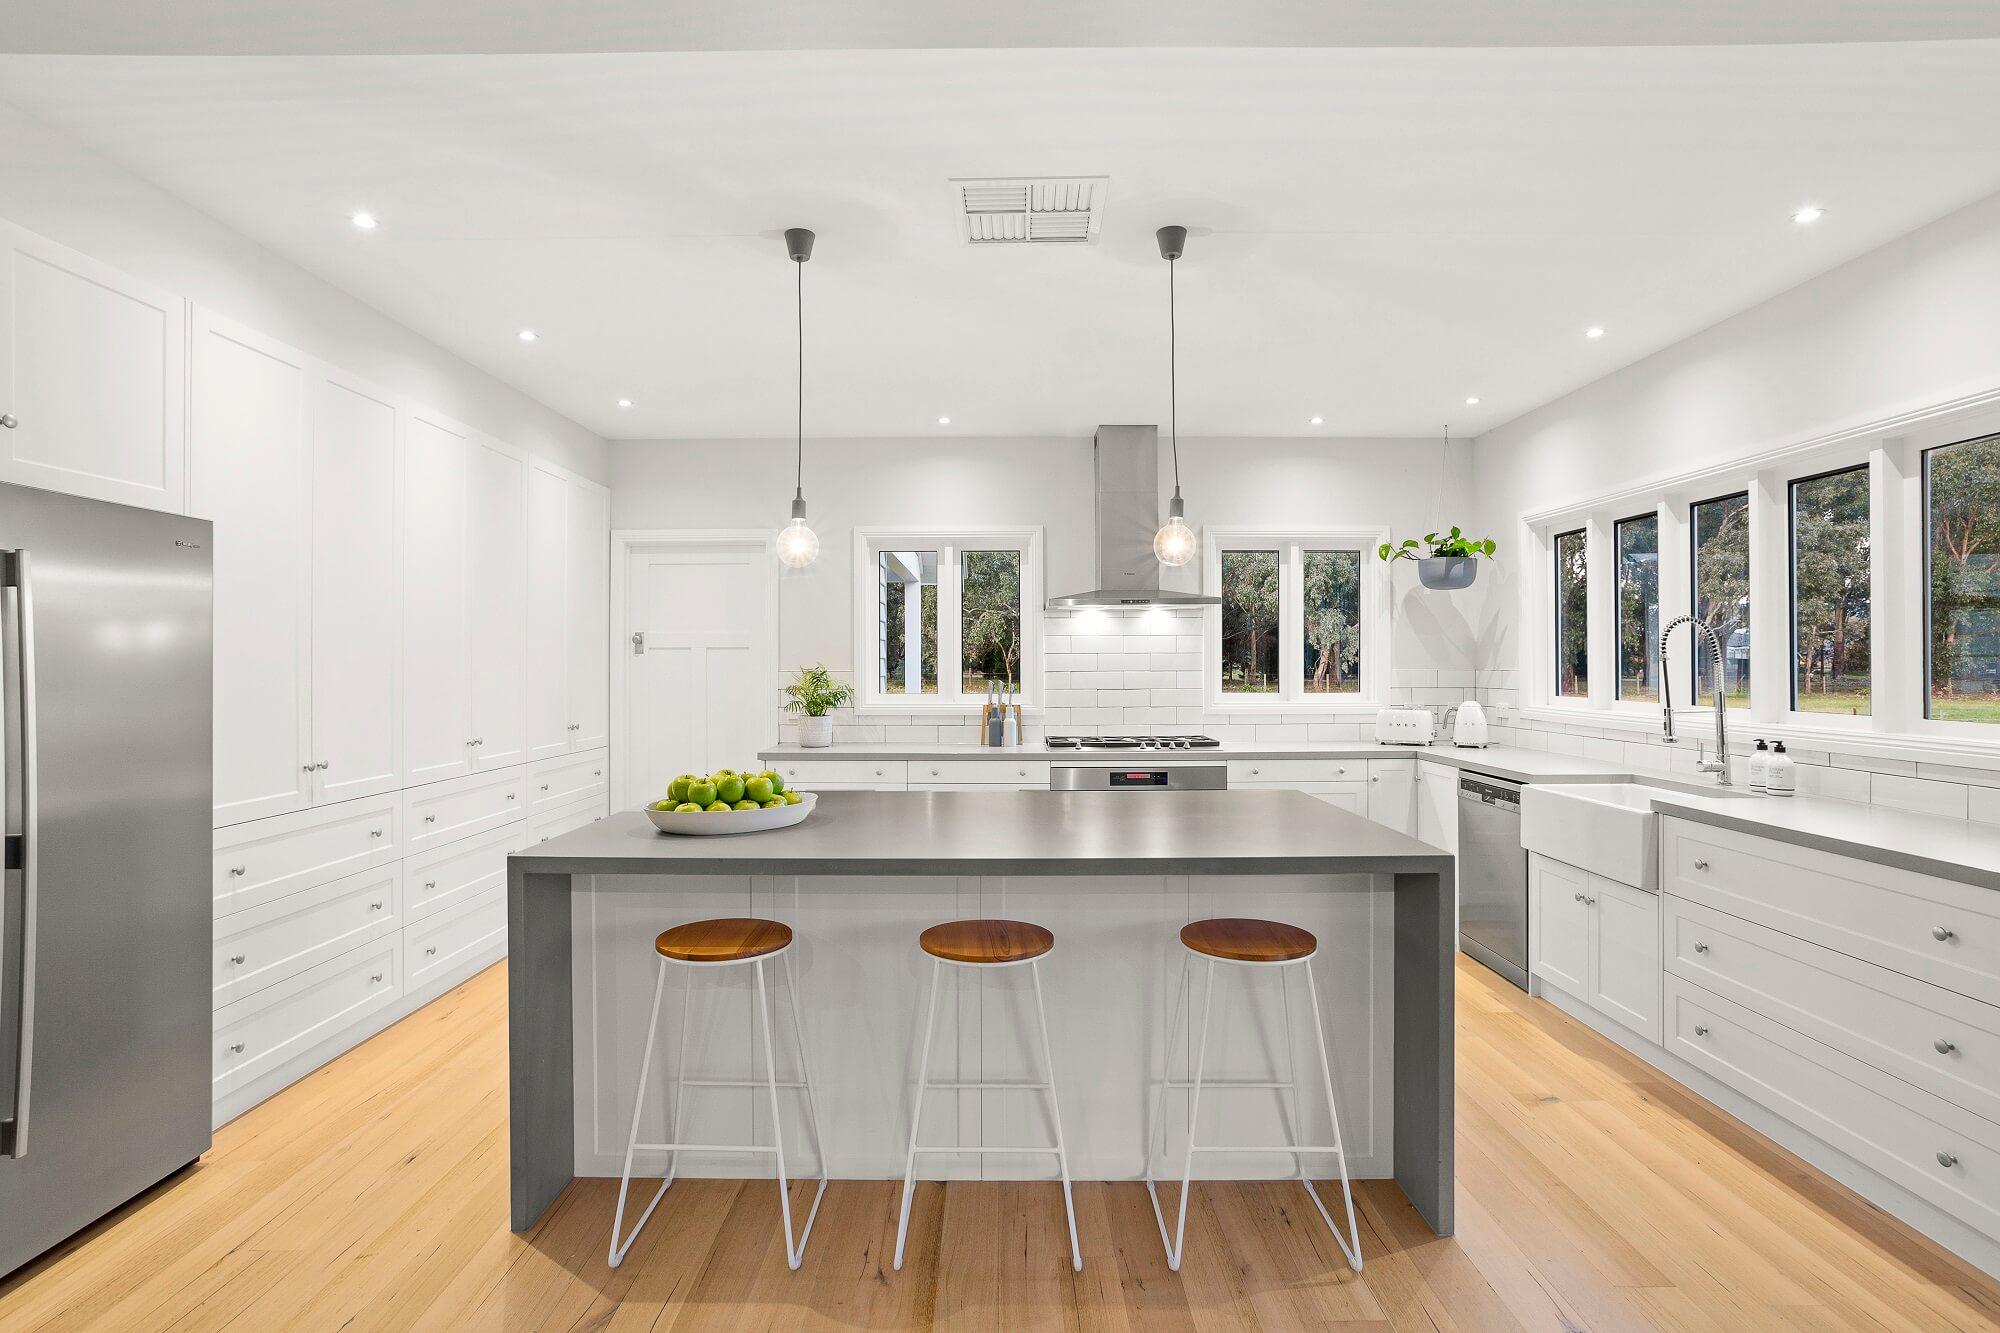 Kuchnia zgodna z Twoim projektem - sprawdź meble kuchenne od Aksent.